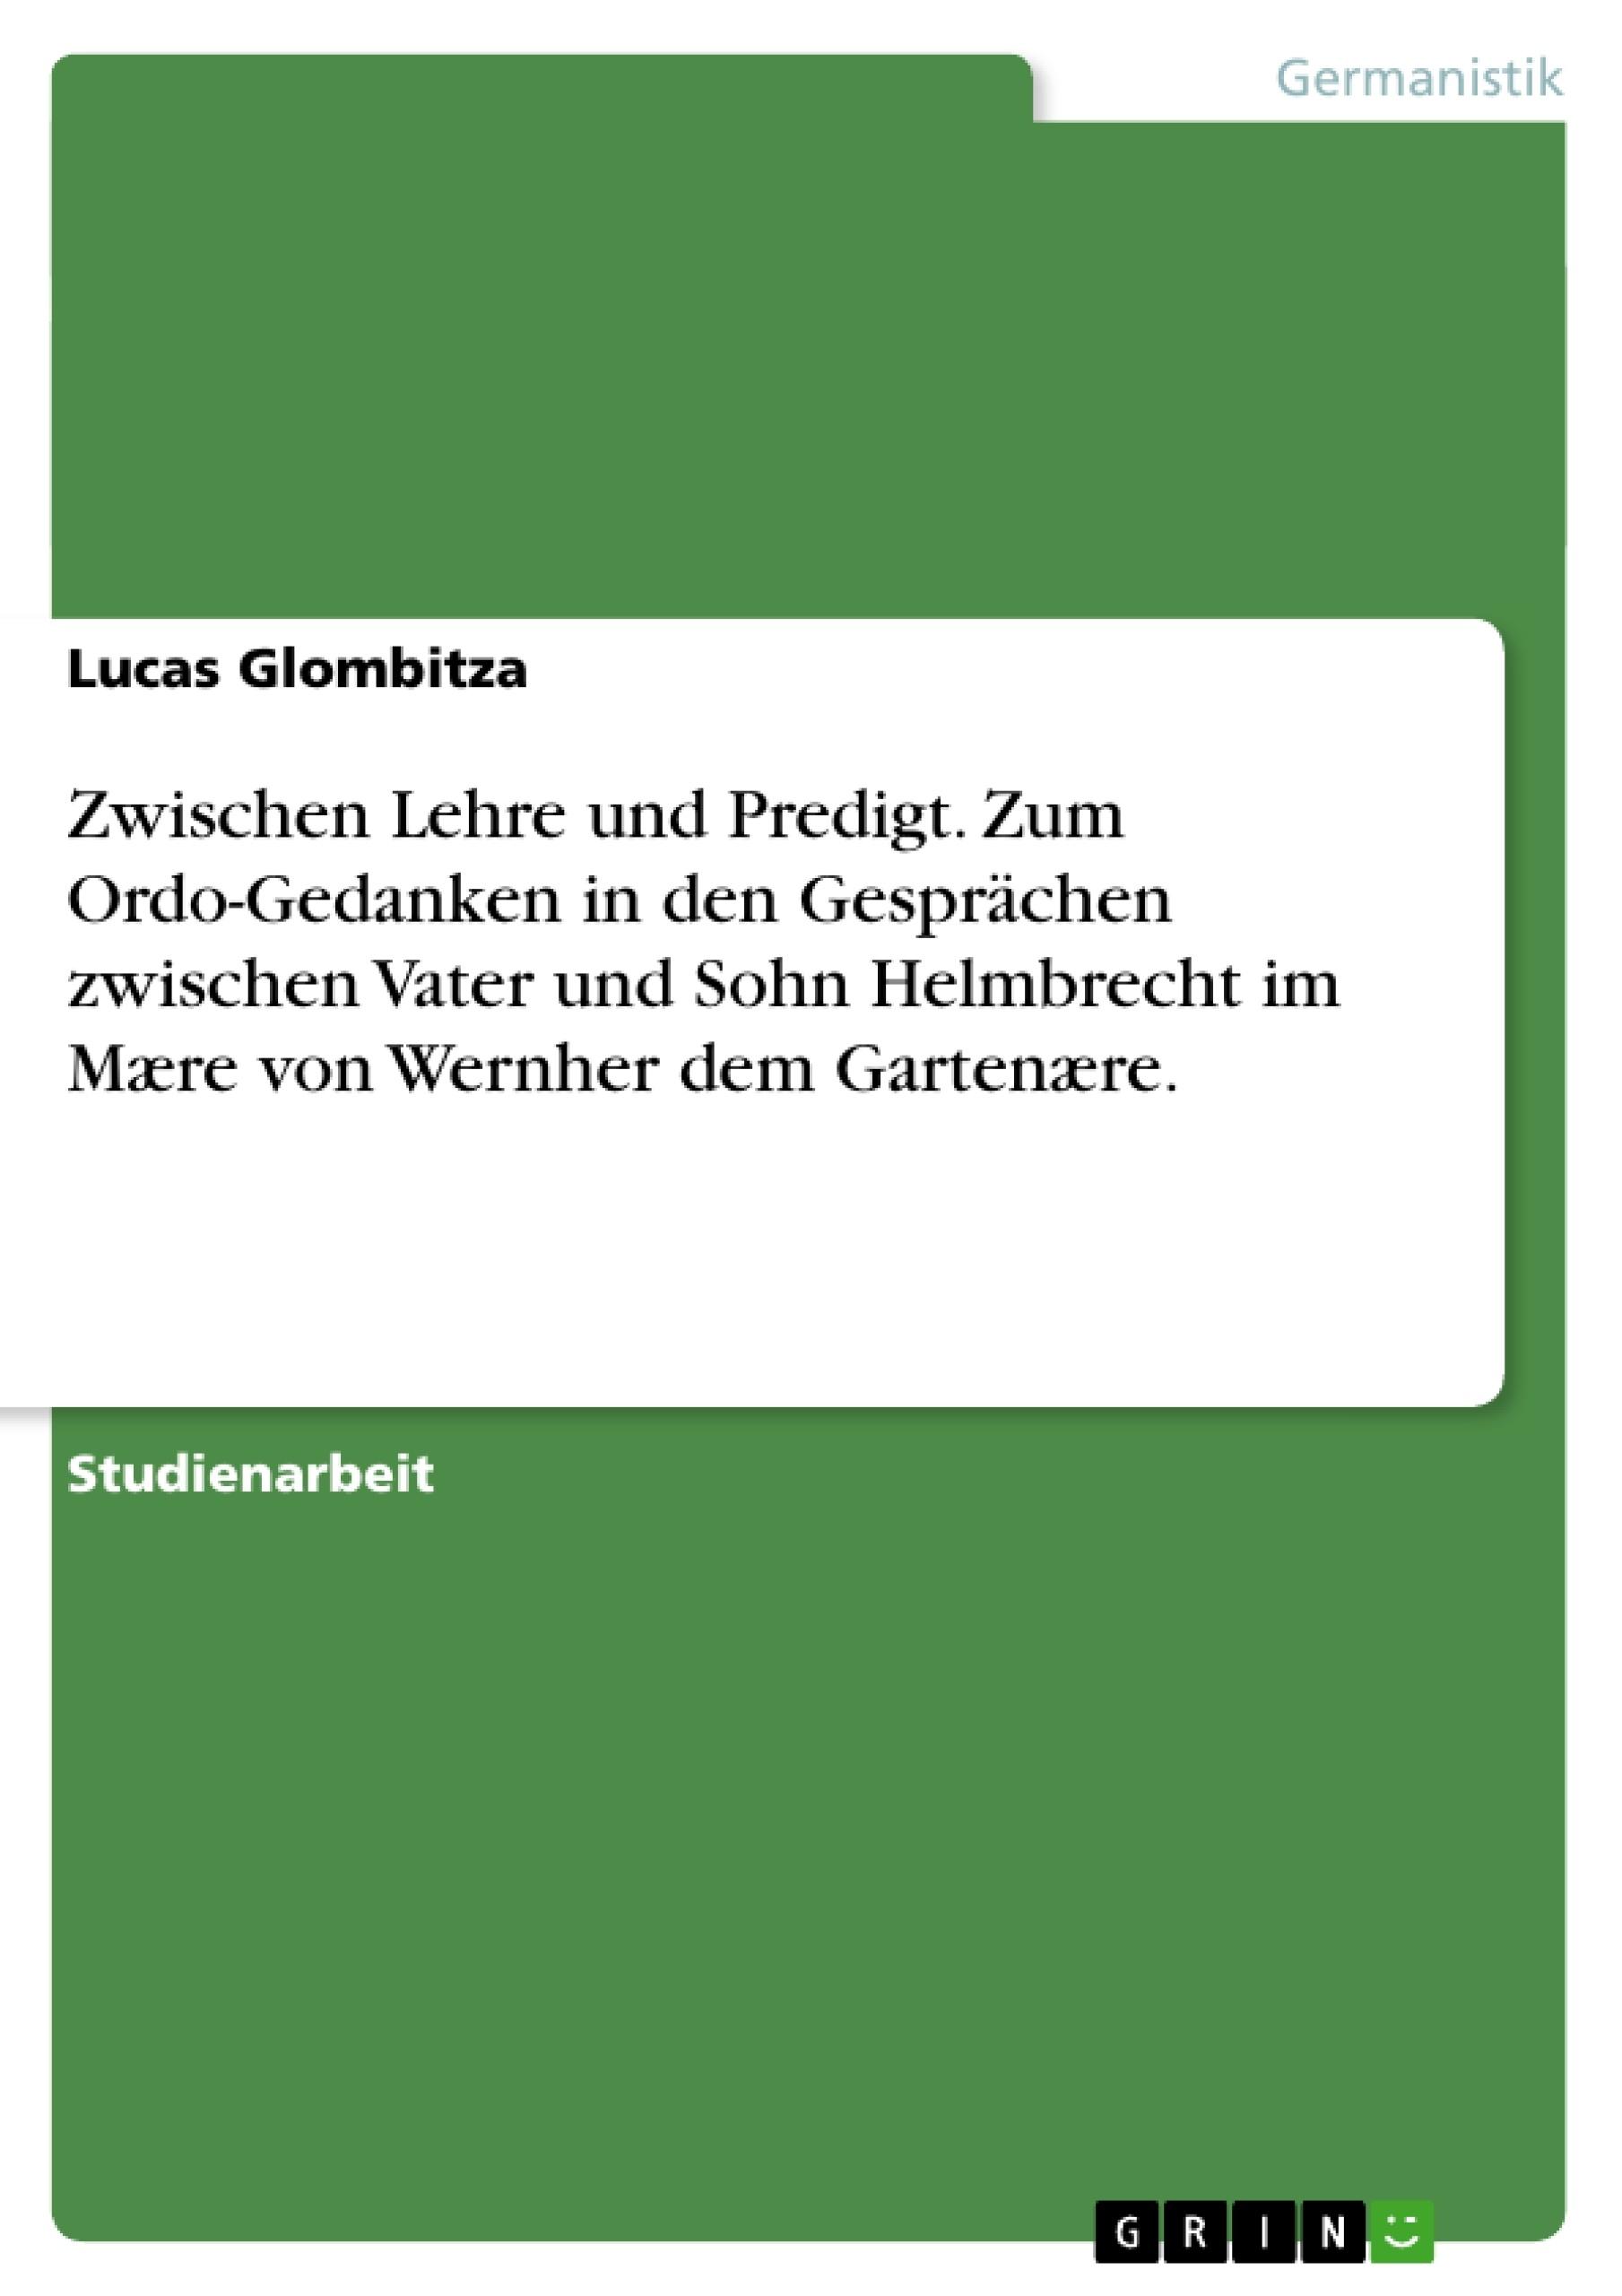 Titel: Zwischen Lehre und Predigt. Zum Ordo-Gedanken in den Gesprächen zwischen Vater und Sohn Helmbrecht im Mære von Wernher dem Gartenære.